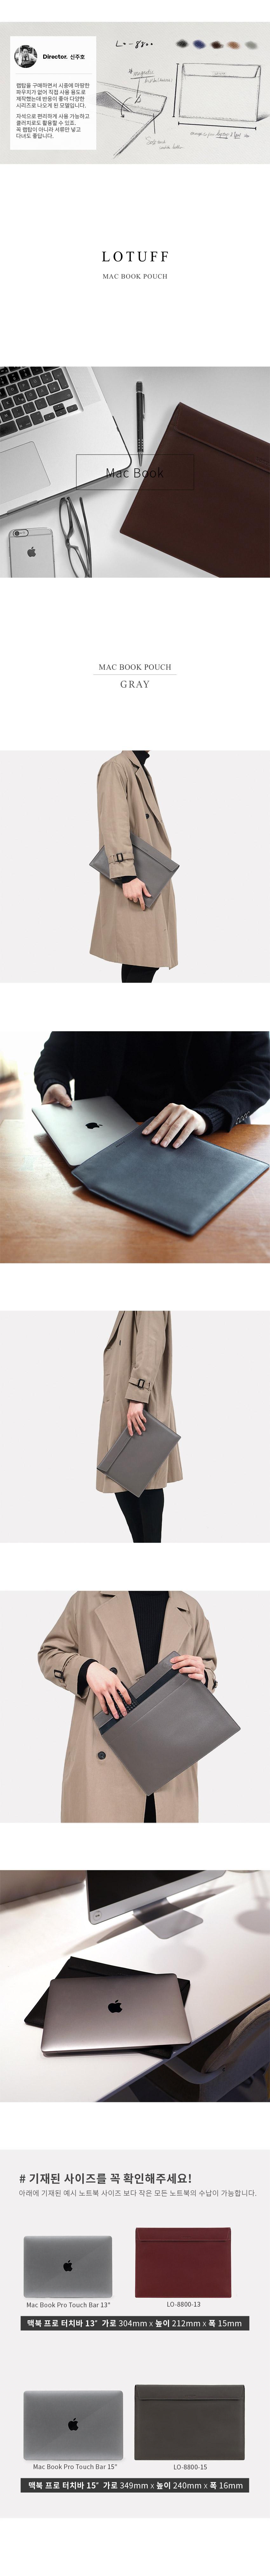 로터프(LOTUFF) 맥북 파우치 LO-8800-15-GR